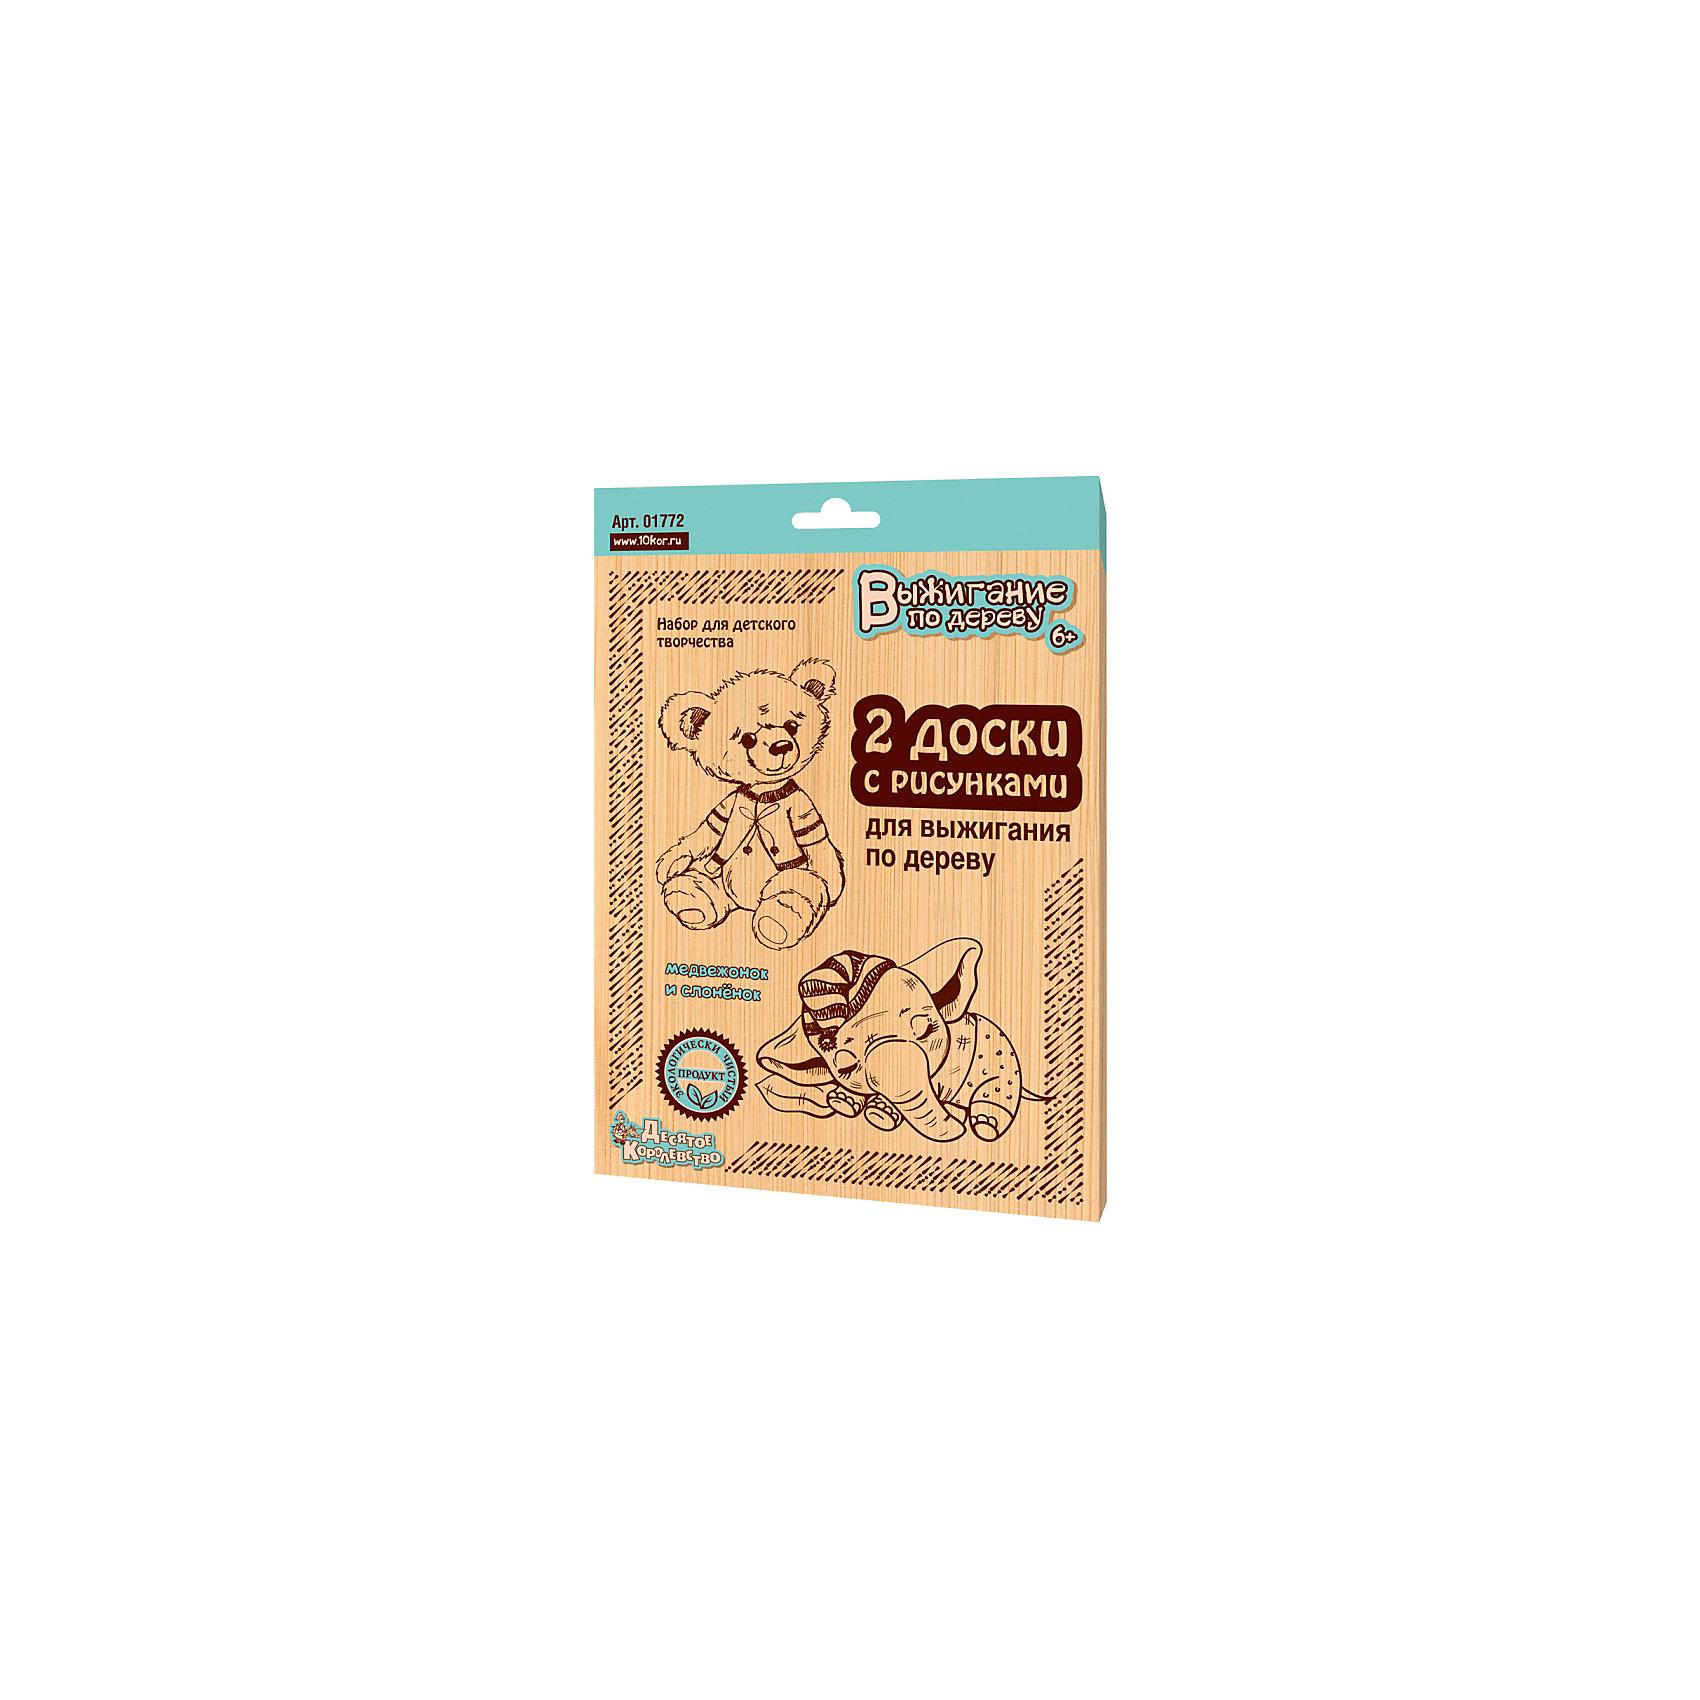 Доска для выжигания  Медвежонок и слоненок, Десятое королевствоРукоделие<br>Доска для выжигания  Медвежонок и слоненок, Десятое королевство<br><br>Характеристики: <br><br>• В наборе: 2 фанерки с рисунком<br>• Материал: шлифованная фанера<br>• Размер: 21Х15 см<br>• Толщина: 4мм<br><br>Этот замечательный набор поможет ребенку освоить новую творческую деятельность - выжигание по дереву! Этот способ позволит быстро и легко сделать оригинальные подарки своим близким, развить мелкую моторику и научиться усидчивости и аккуратности. В набор входят 2 заготовки с нанесенными контурами. Рисунки разработаны так, чтобы ребенок мог легко их повторить и почувствовать себя настоящим мастером.<br><br>Доска для выжигания  Медвежонок и слоненок, Десятое королевство можно купить в нашем интернет-магазине.<br><br>Ширина мм: 250<br>Глубина мм: 175<br>Высота мм: 8<br>Вес г: 206<br>Возраст от месяцев: 84<br>Возраст до месяцев: 2147483647<br>Пол: Унисекс<br>Возраст: Детский<br>SKU: 5471602